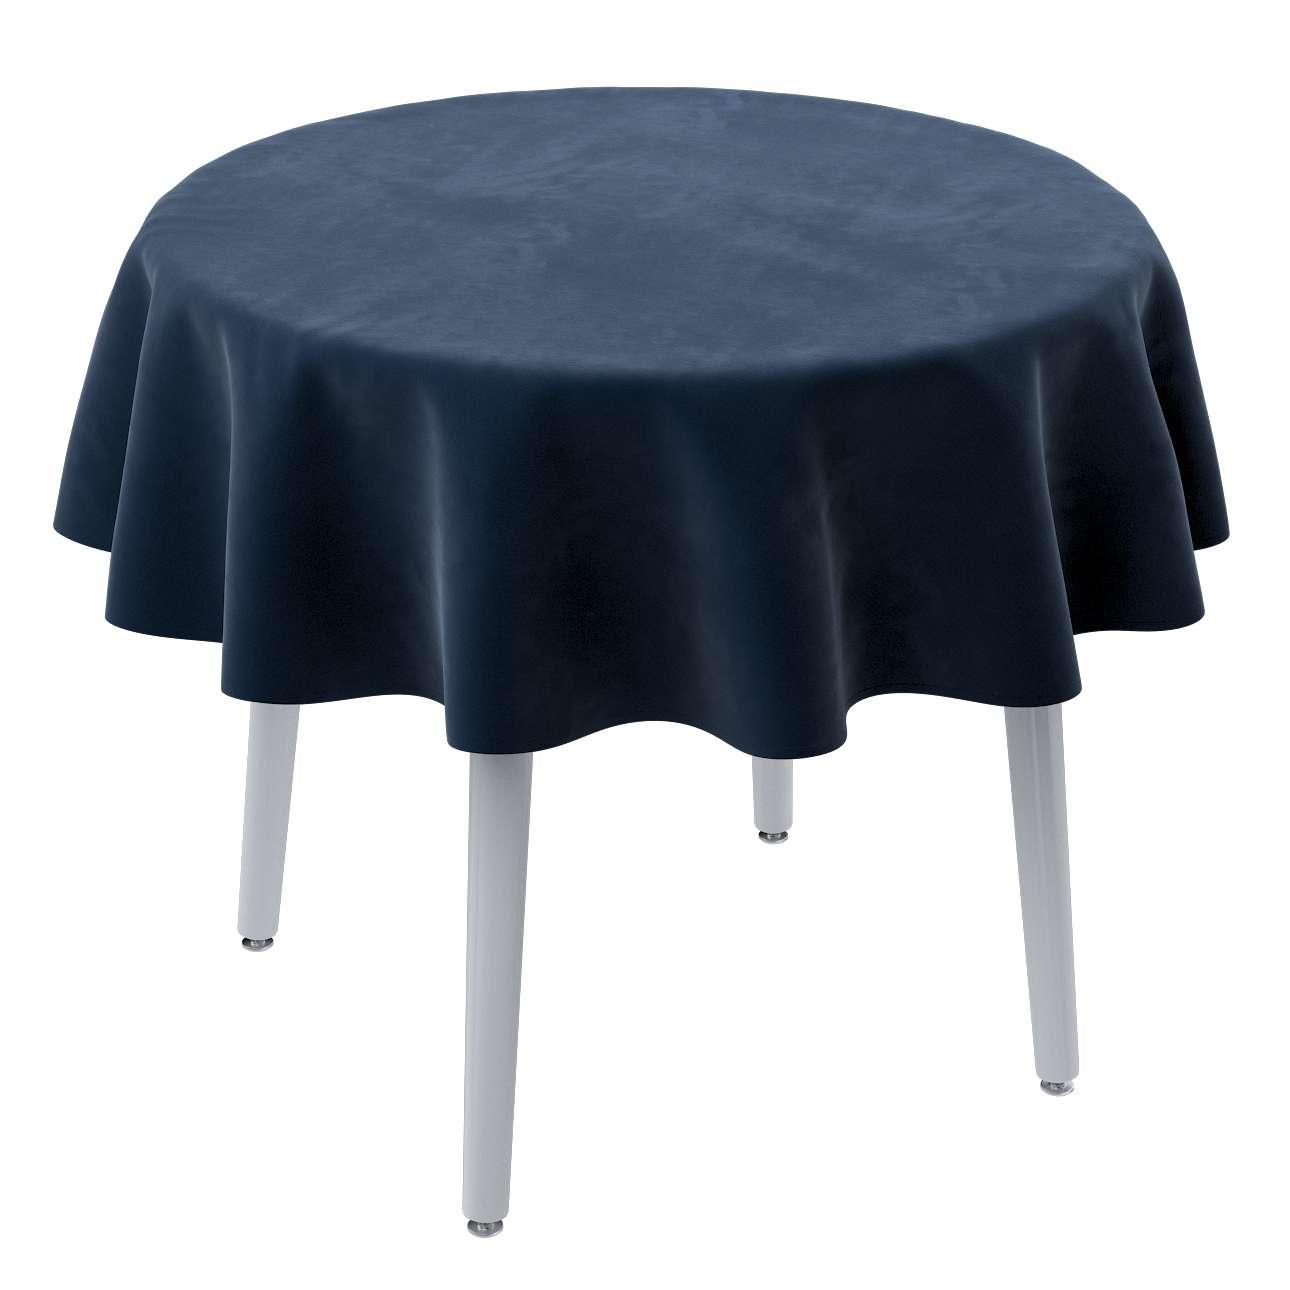 Runde Tischdecke von der Kollektion Velvet, Stoff: 704-29